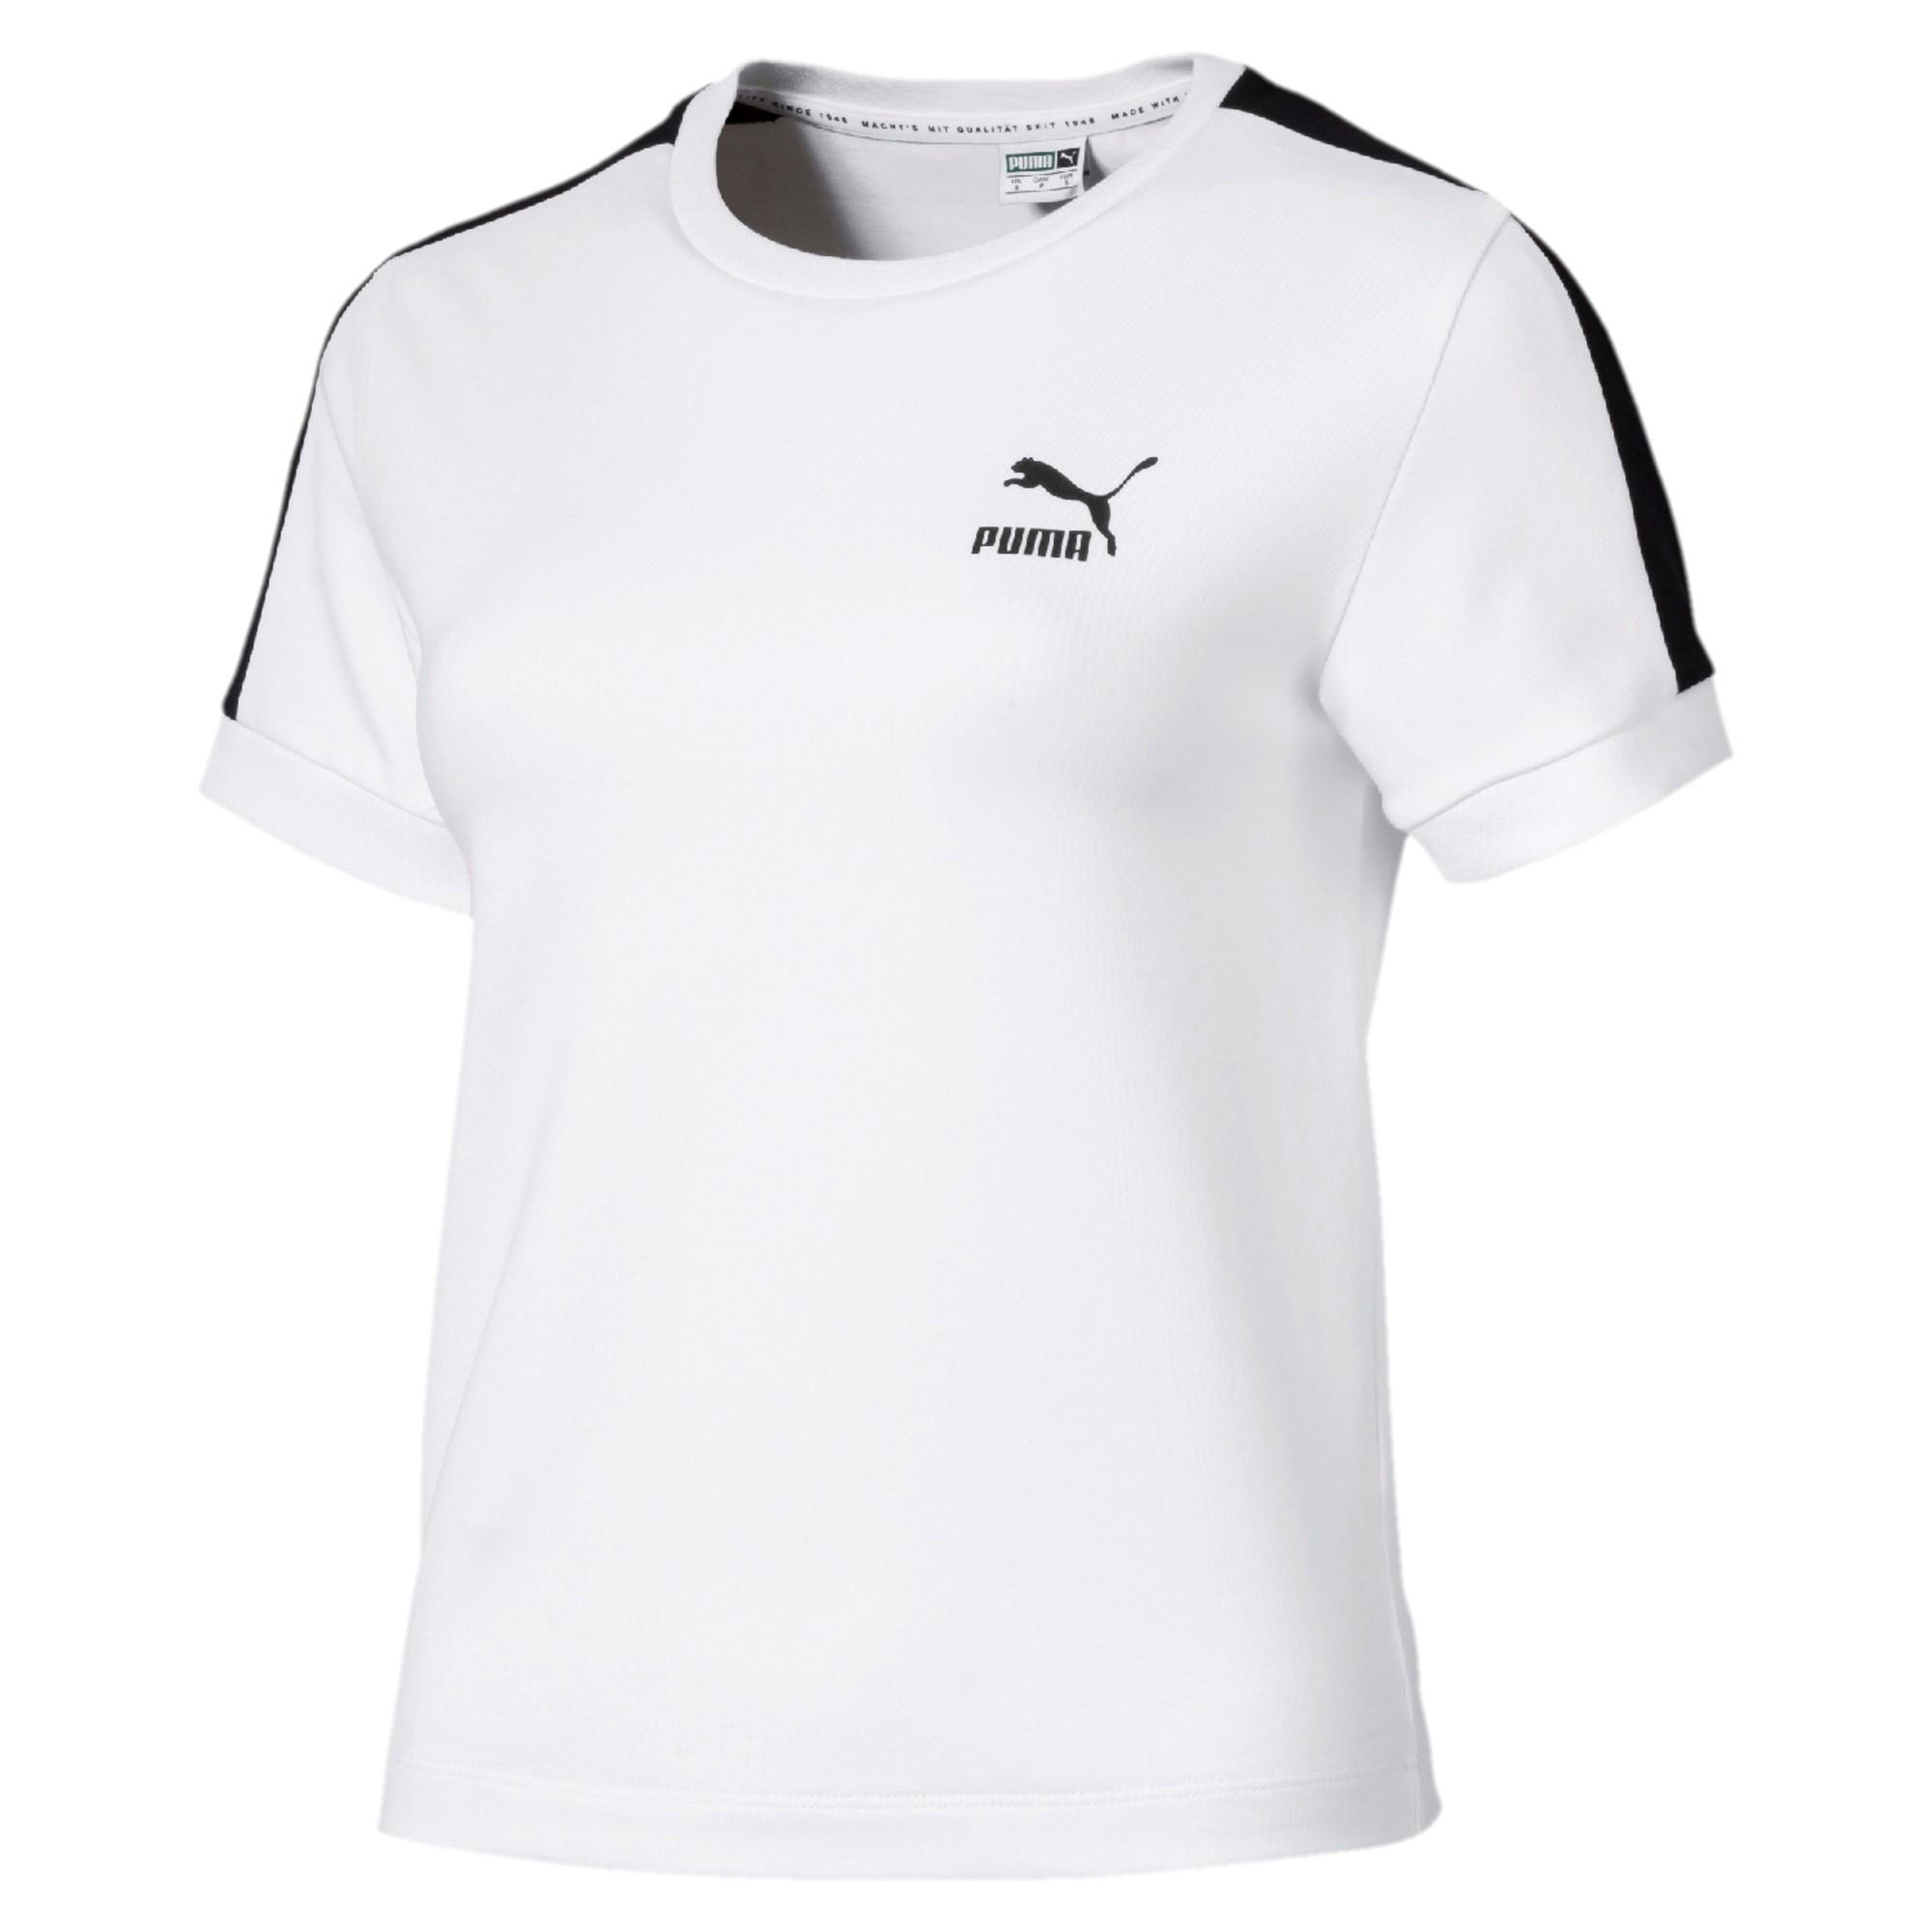 Puma T-shirt Classics Tight T7  Donna